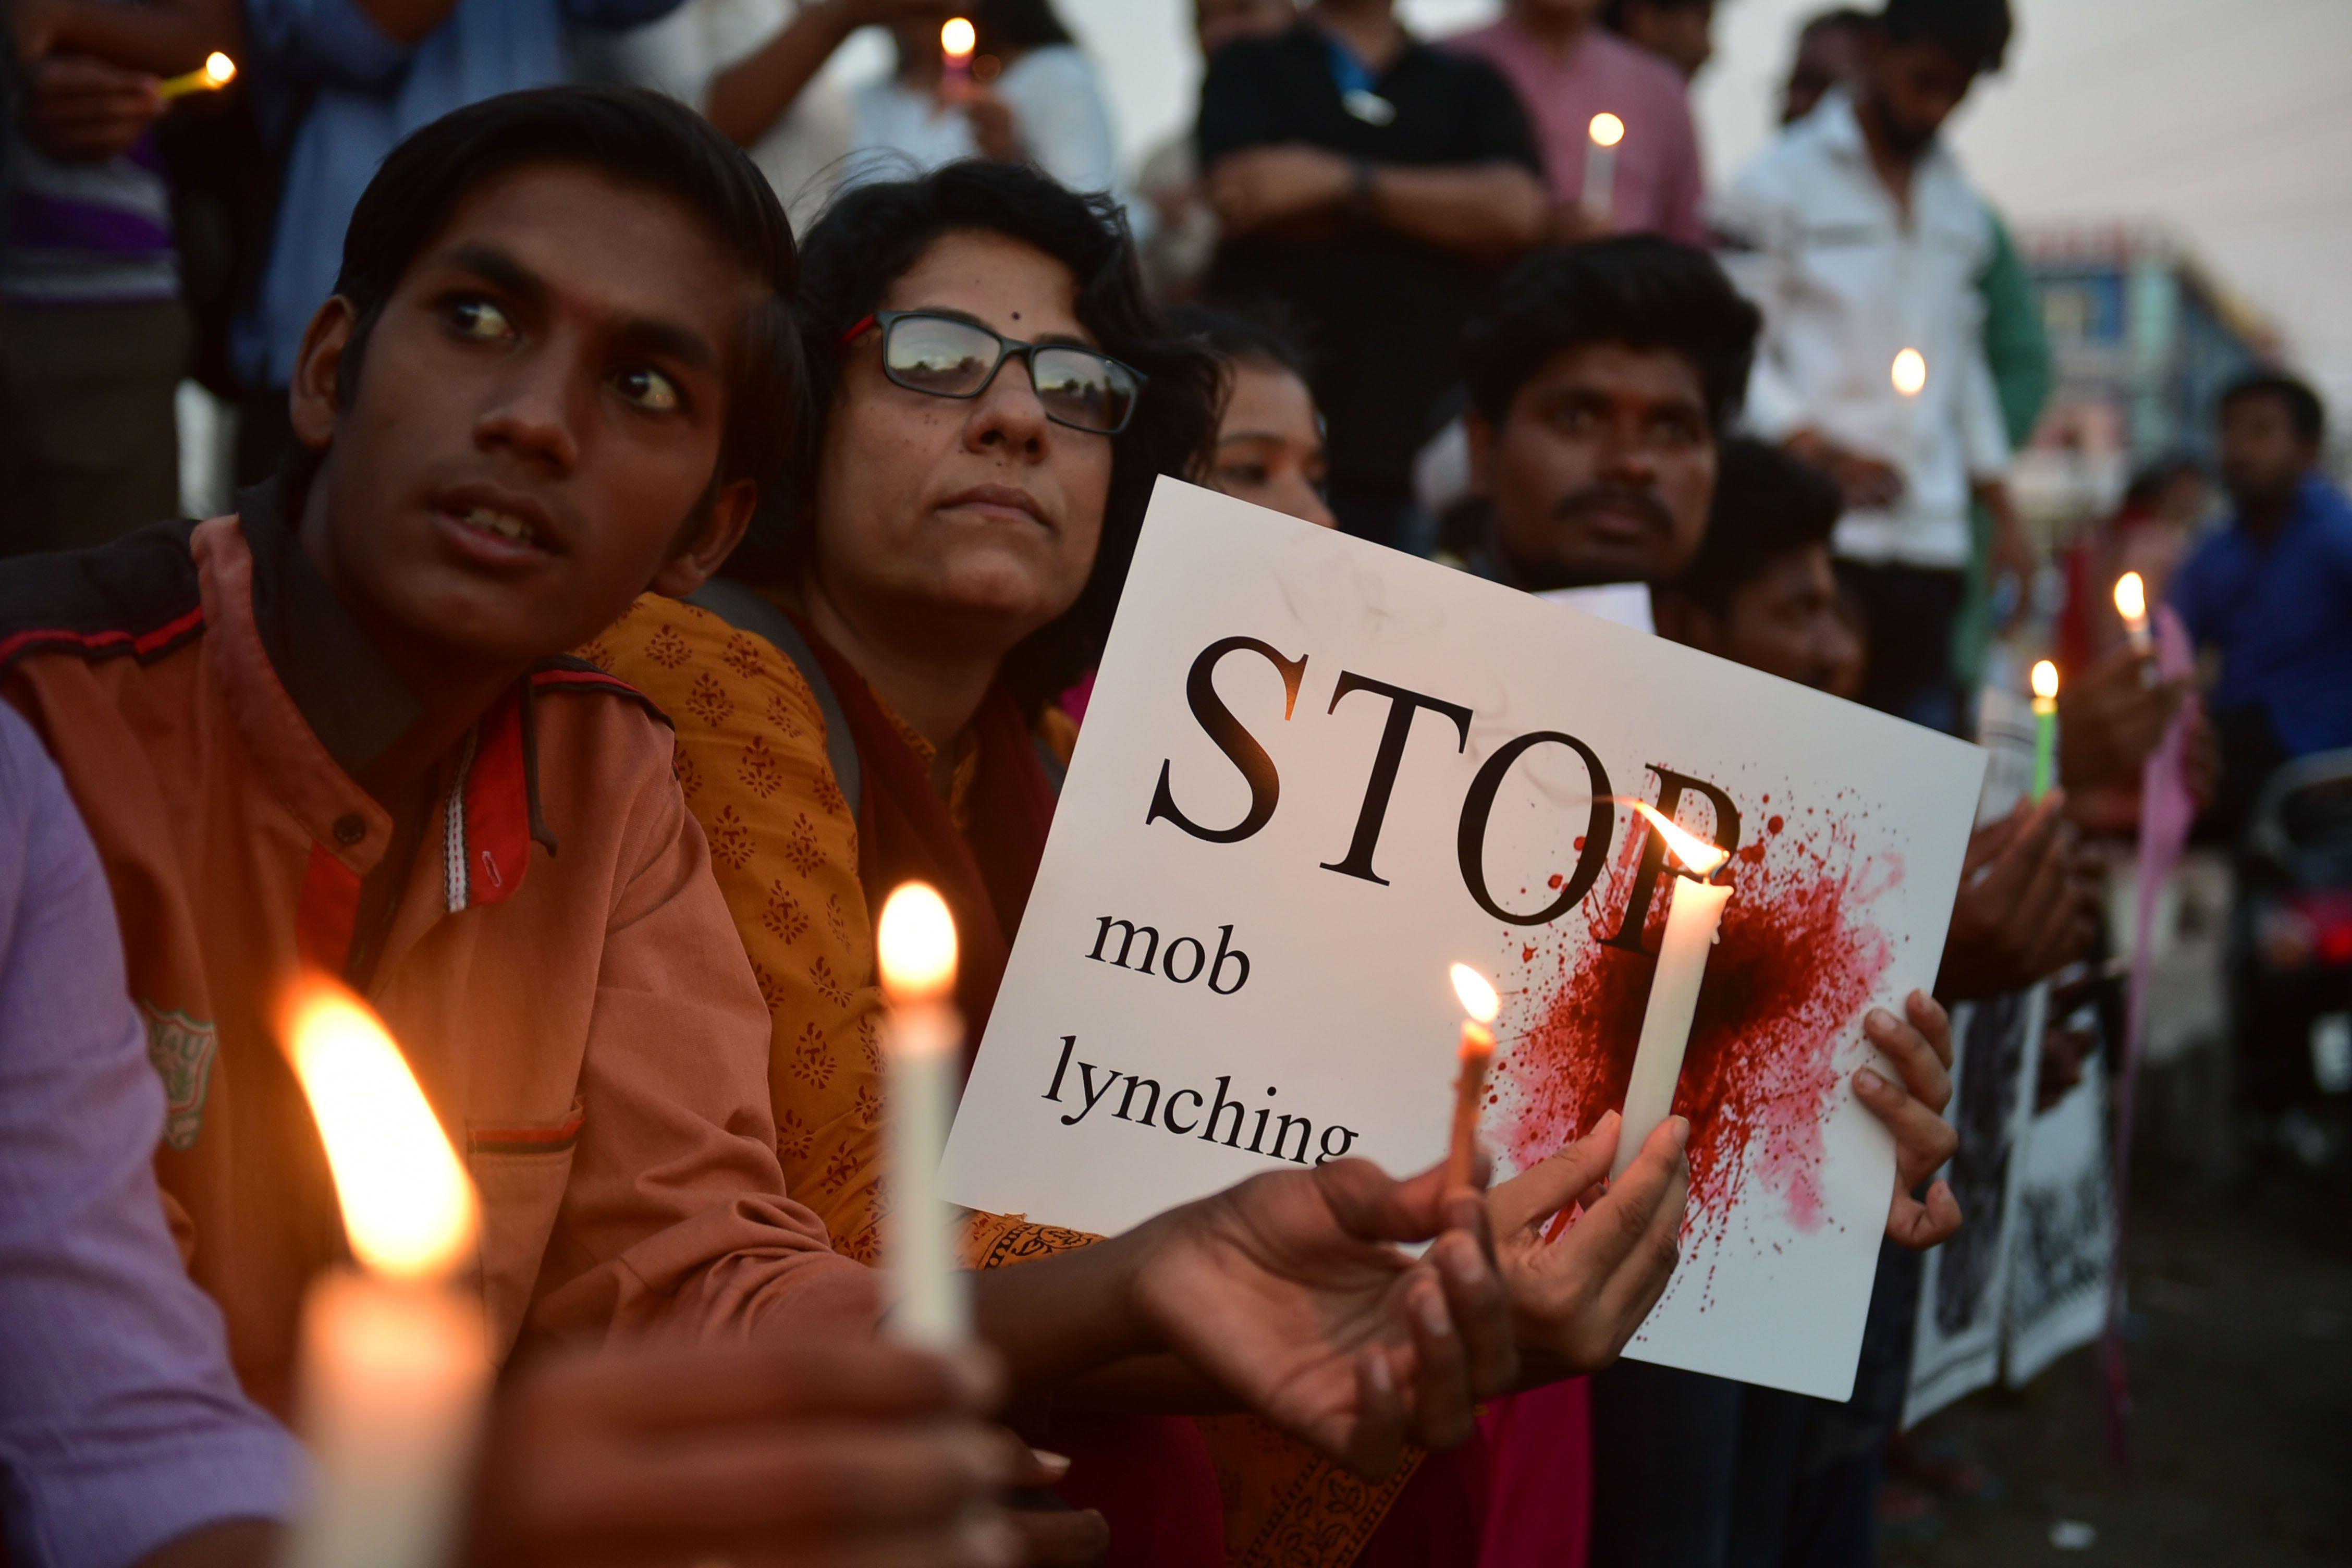 Hinduk meglincseltek egy muszlim férfit Indiában, kiszállt a rendőrség, de ahelyett hogy kórházba vitték volna, teázni kezdtek